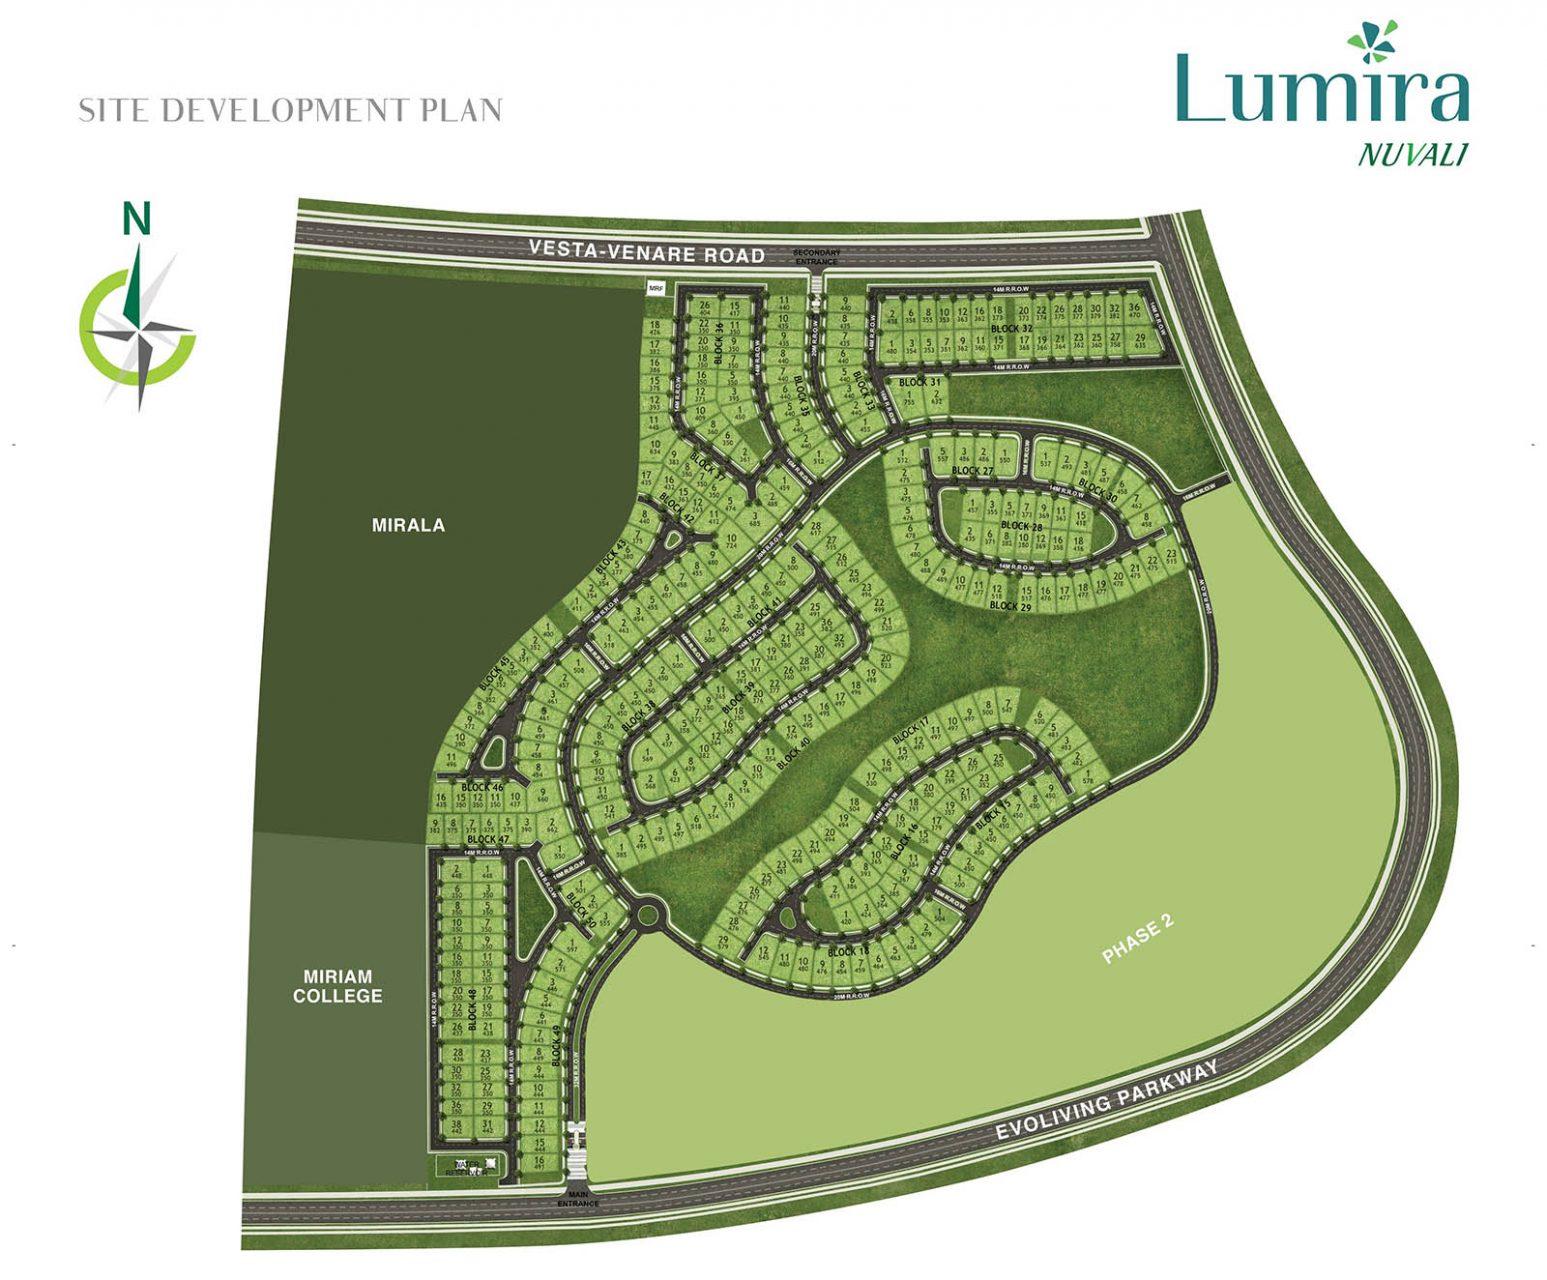 062414 LUMIRA Insert 20x20in_FA.indd